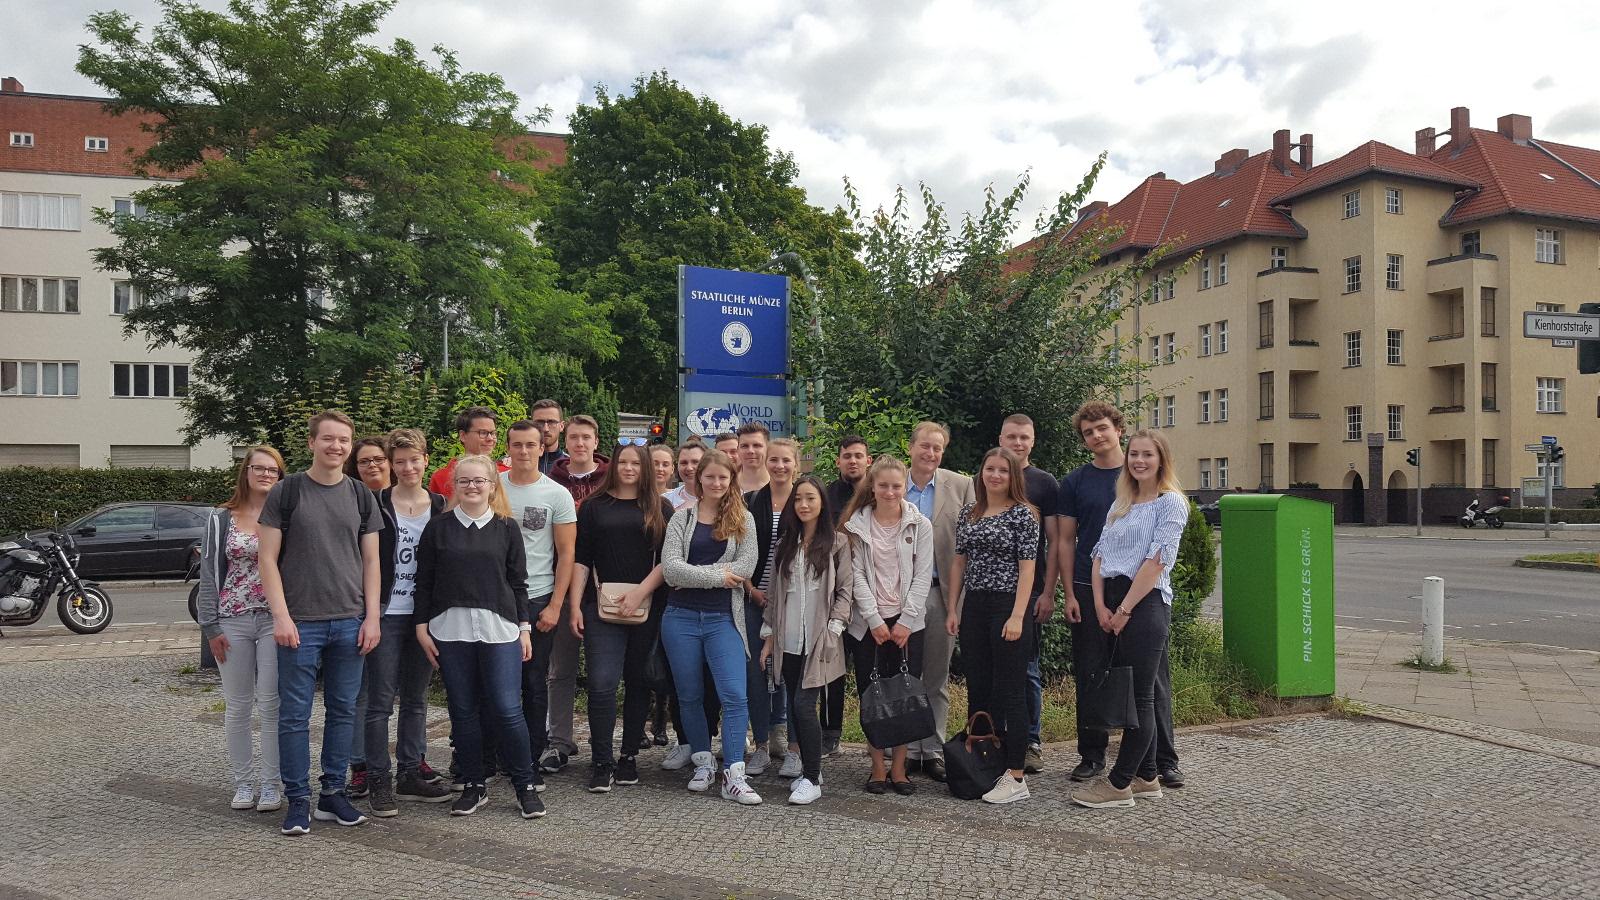 Besichtigung Der Staatlichen Münze Berlin Leopold Ullstein Schule